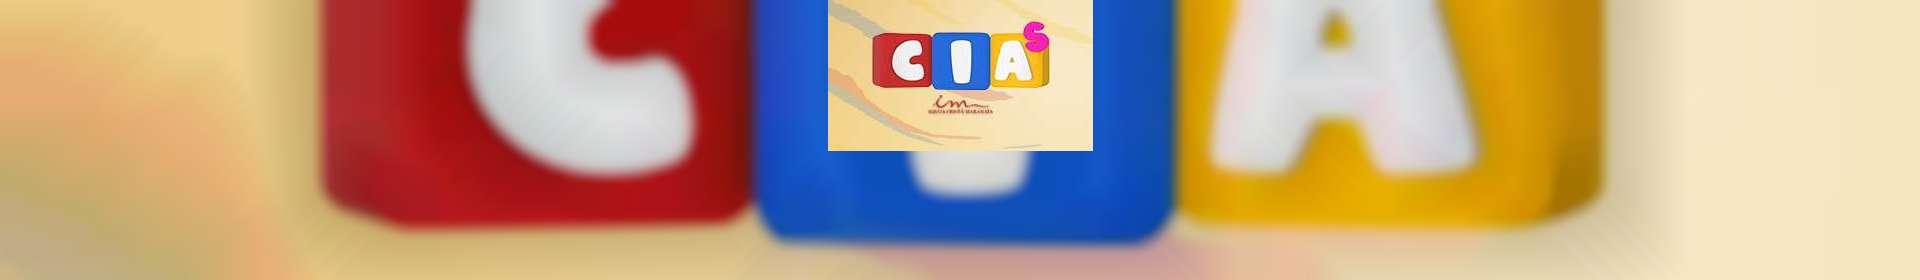 Aula de CIAS: classe de 07 a 11 anos - 18 de junho de 2020